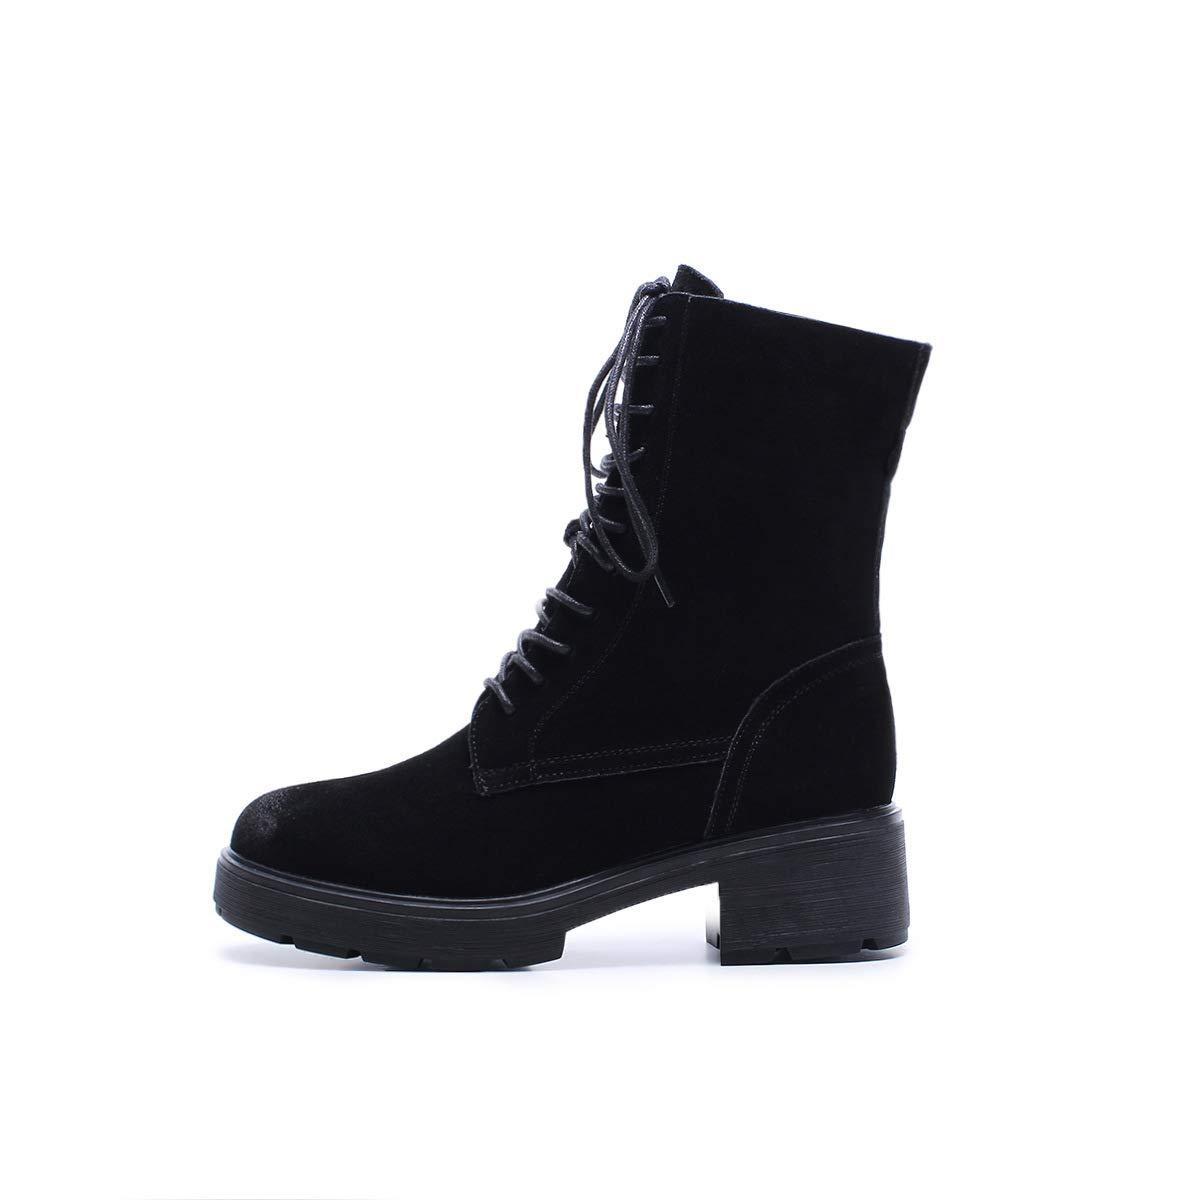 Amazon.com: Hy - Zapatillas para mujer, estilo casual, arena ...